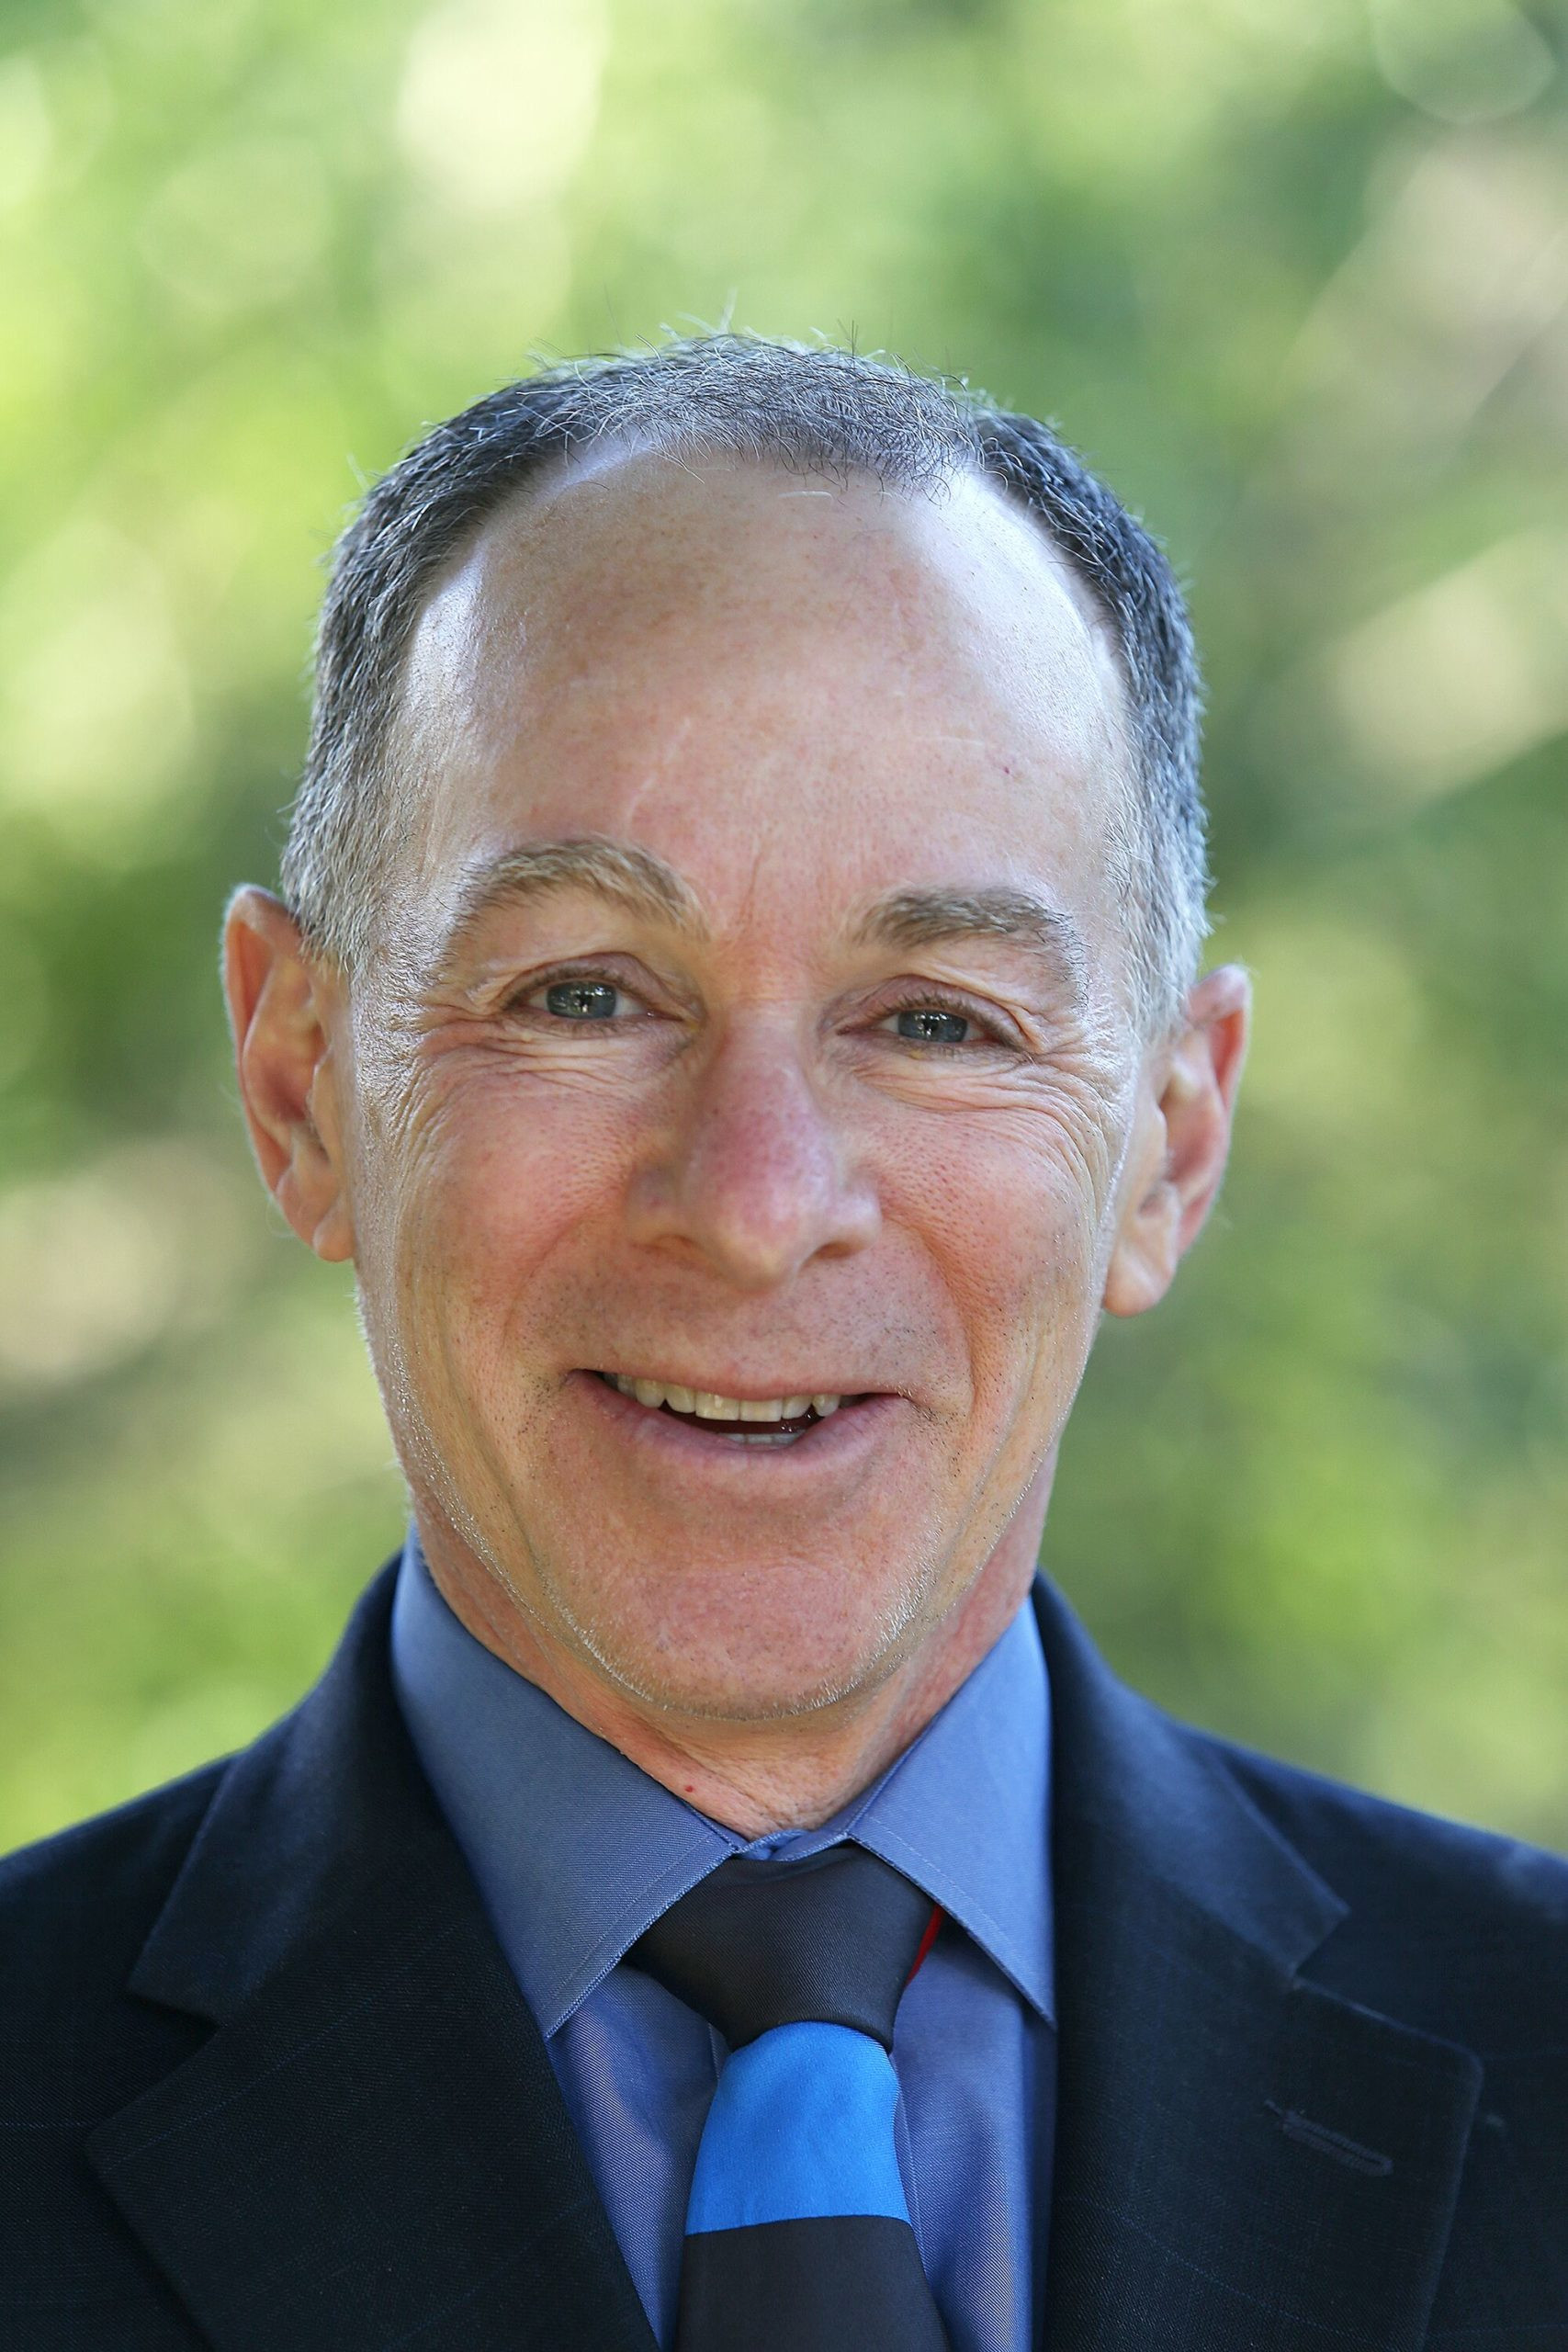 Edward-M.-Phillips-headshot-scaled